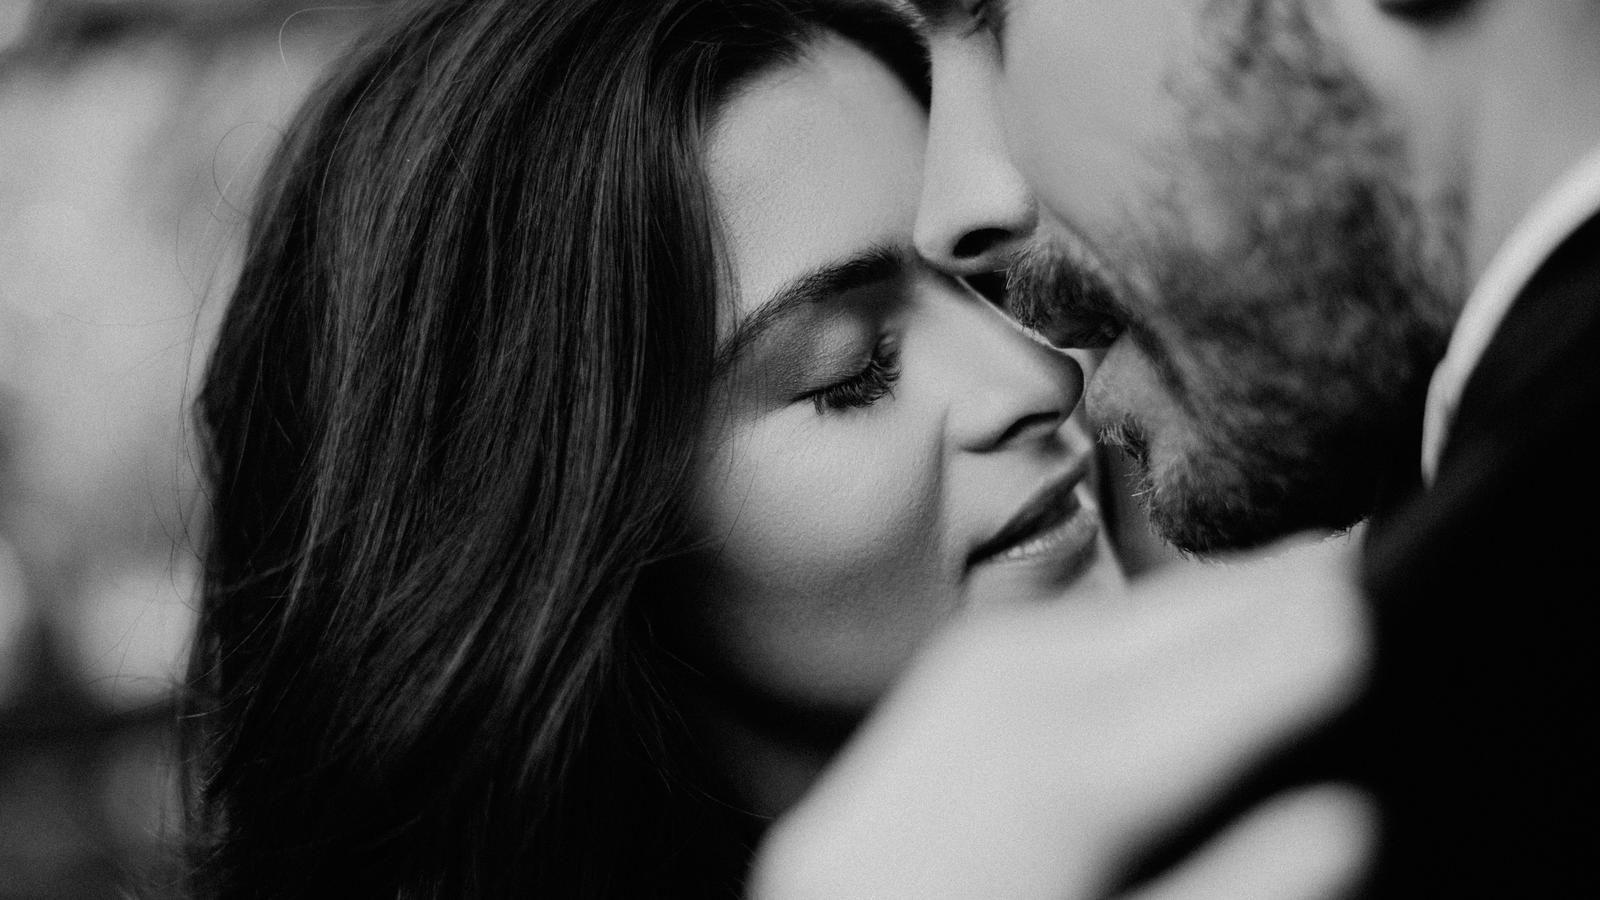 Chef traumdeutung geküsst werden vom Traumdeutung: Kuss,